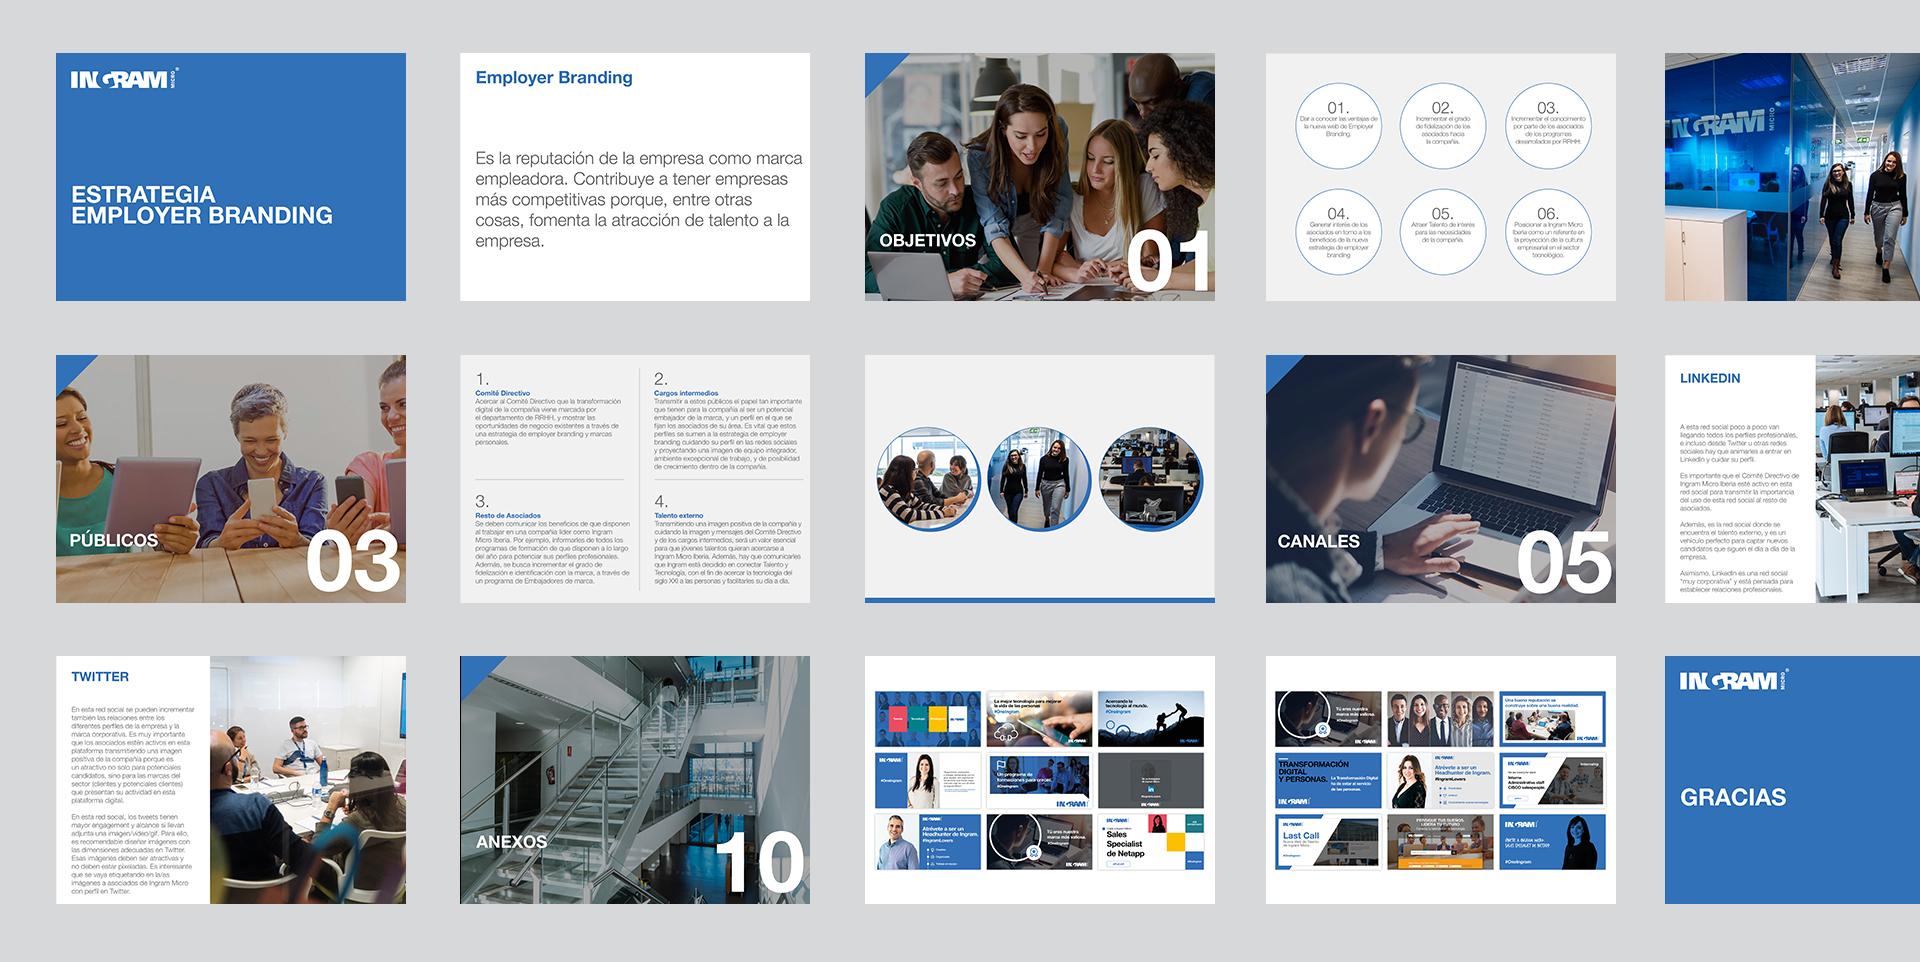 imagen_folleto